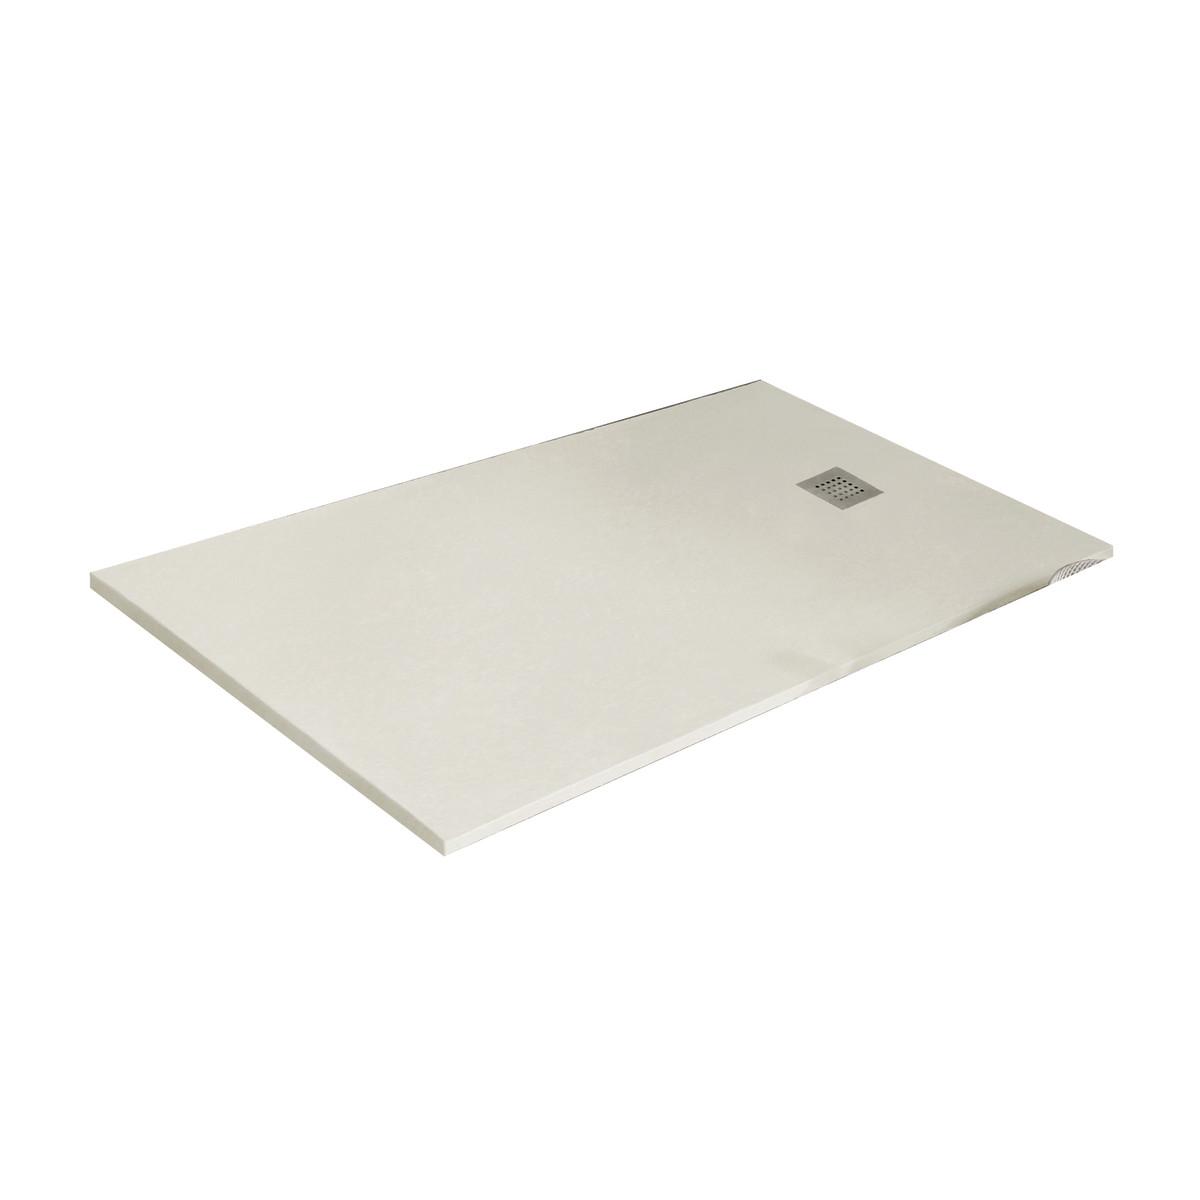 Piatto doccia strato 120 x 80 cm prezzi e offerte online - Piatto doccia leroy merlin ...